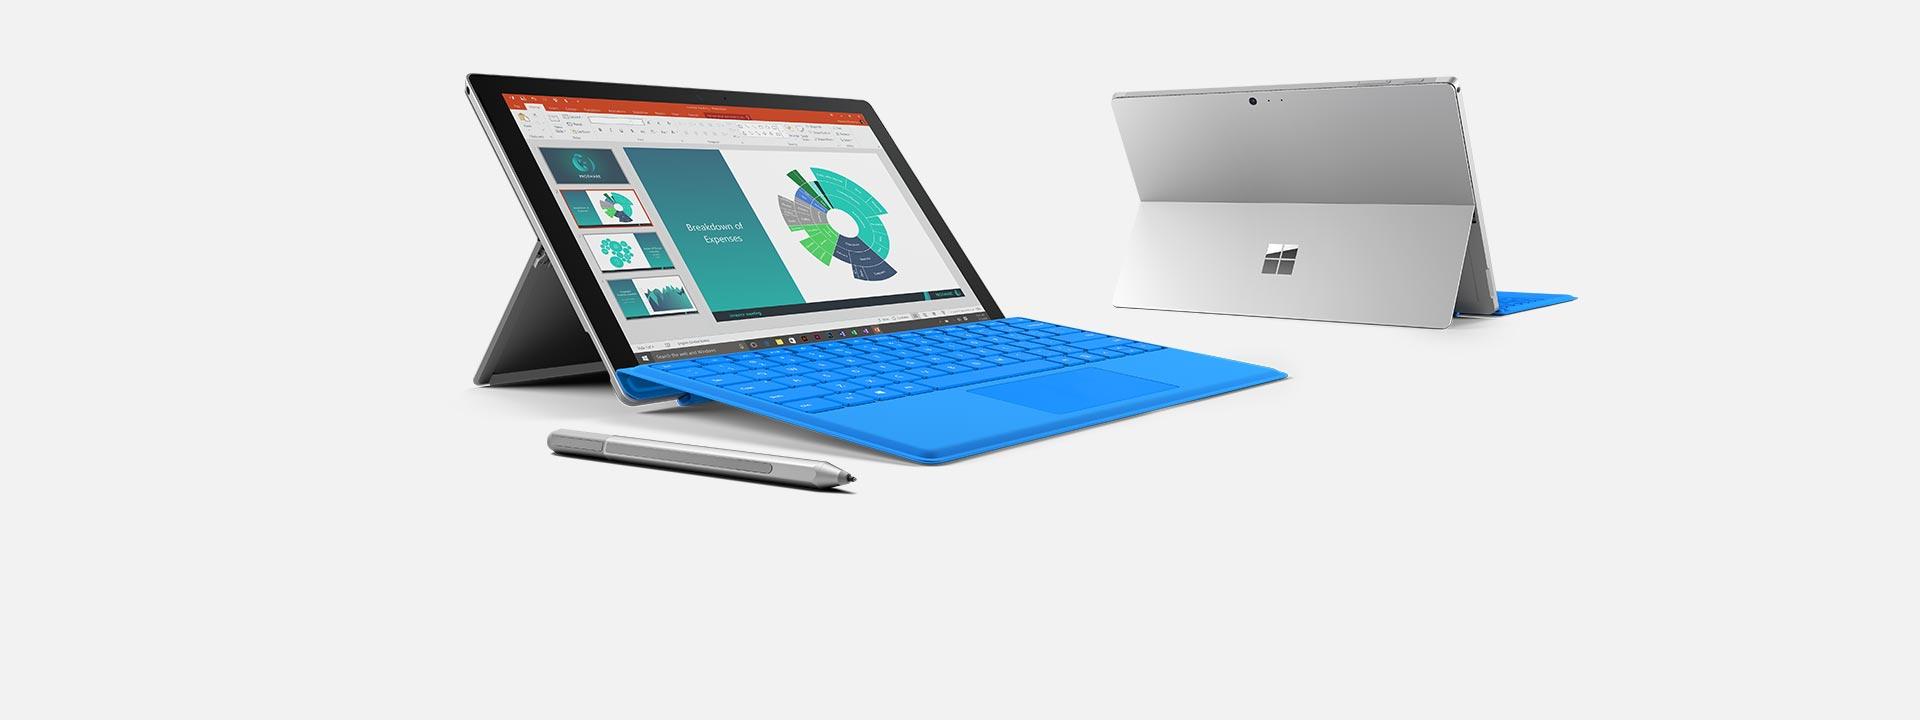 Dispositivos Surface Pro 4, saiba mais sobre eles